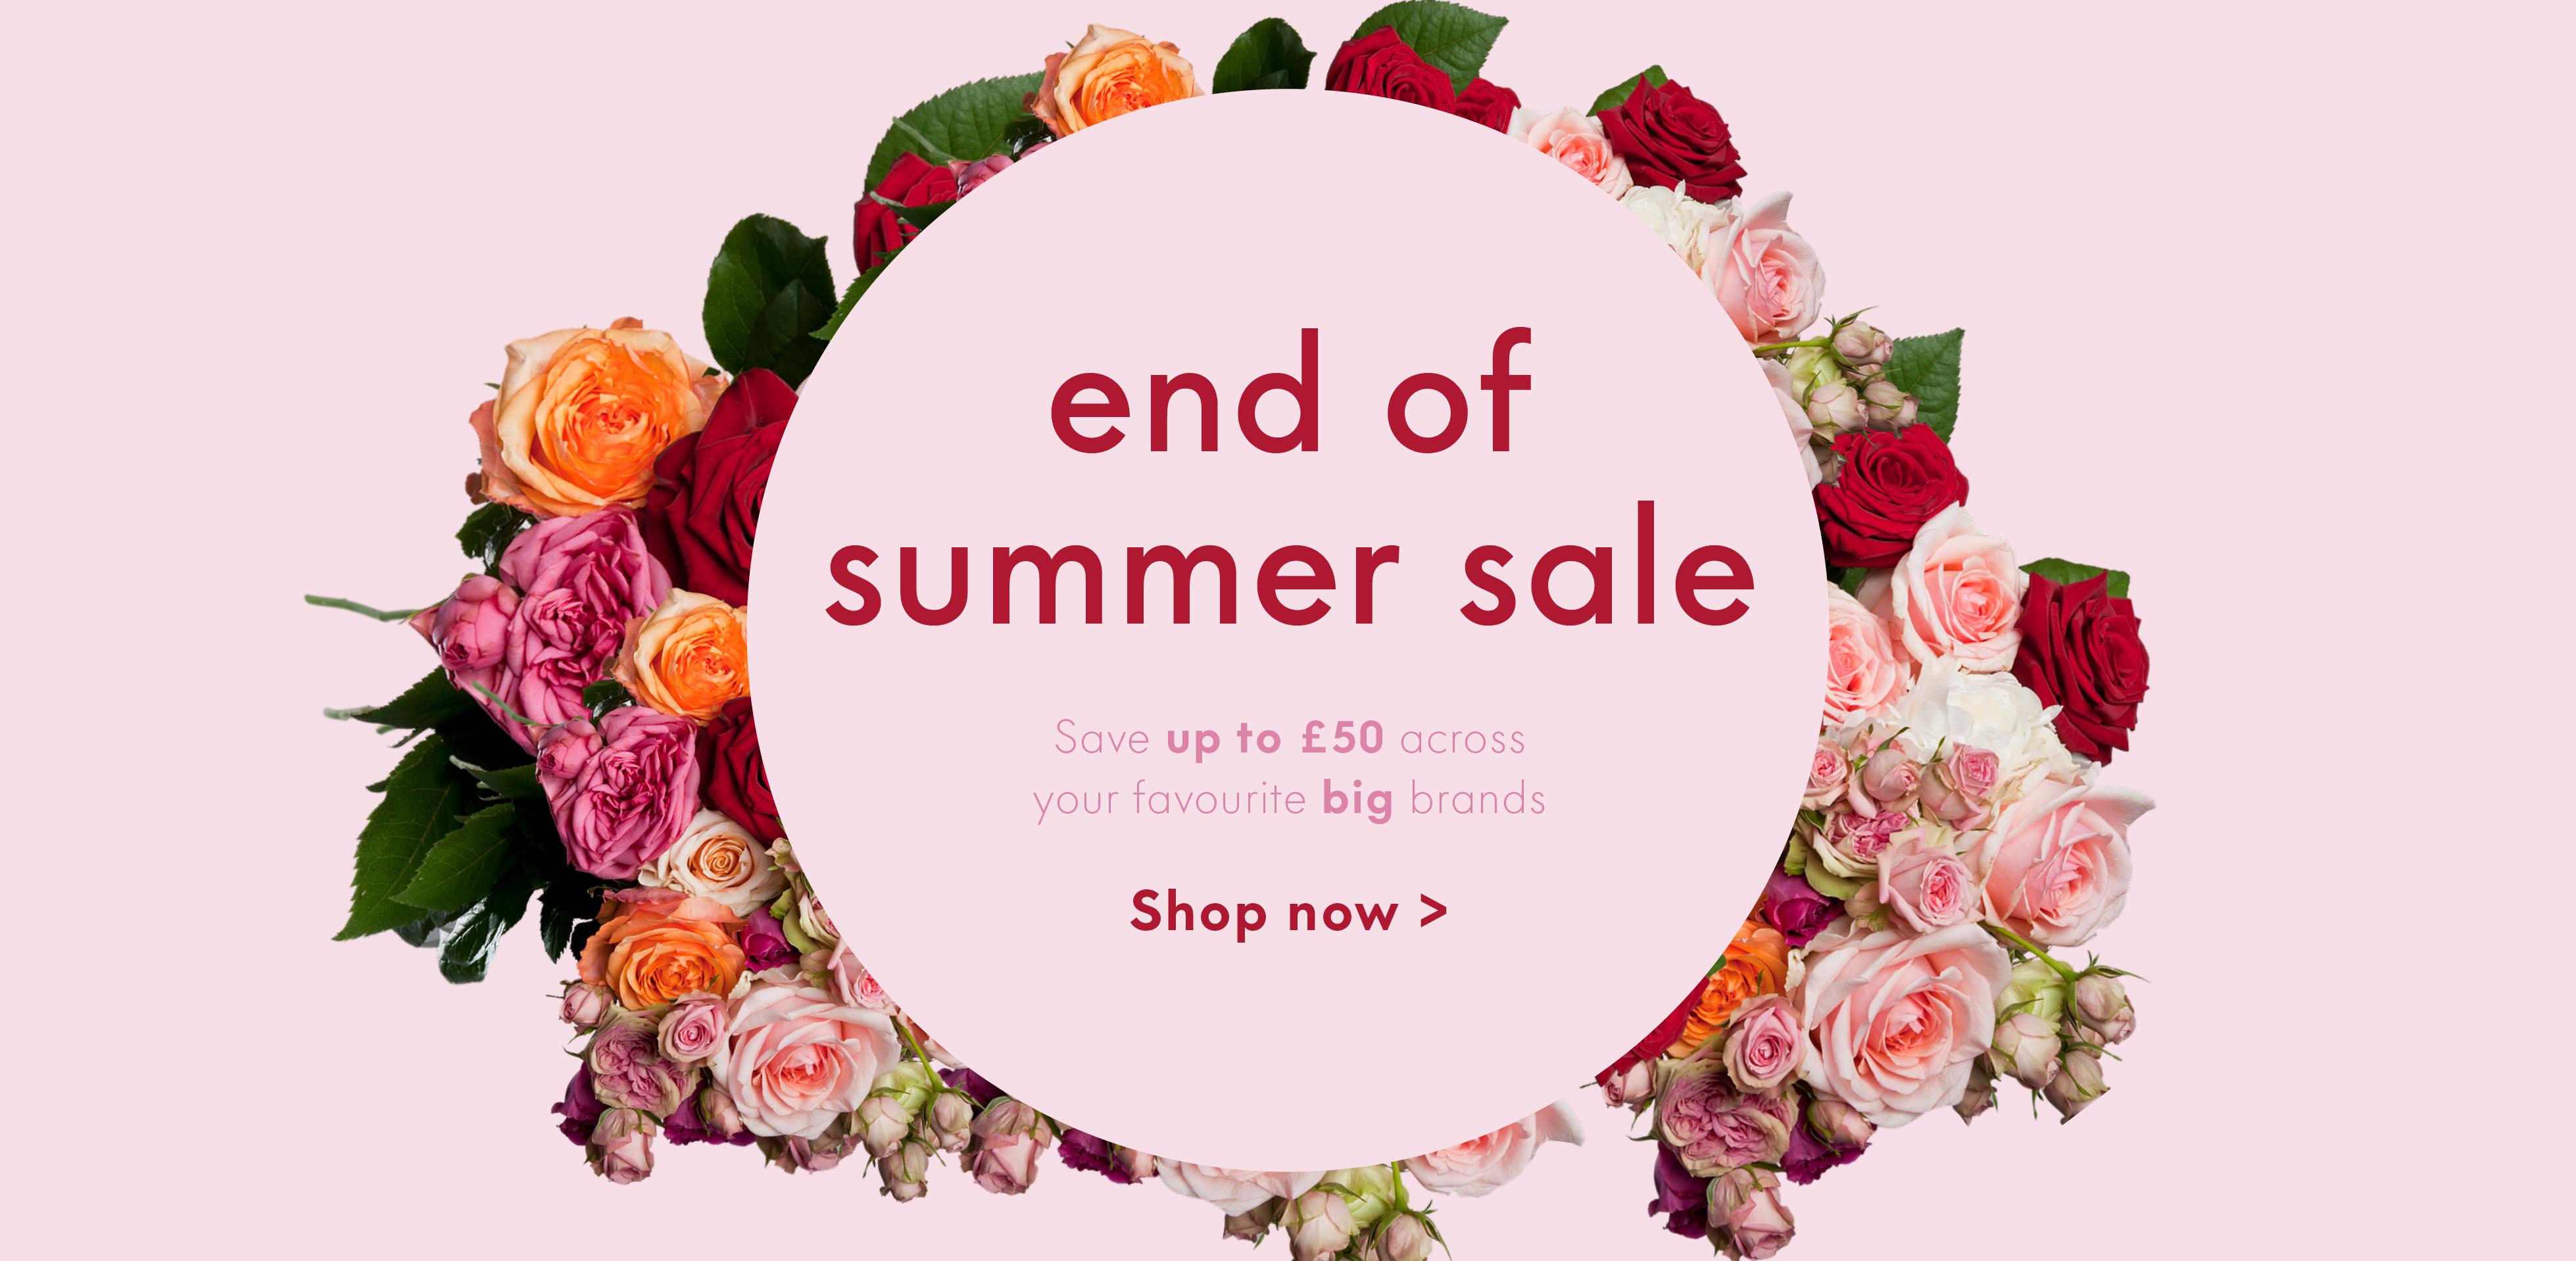 Summer Sale Ends